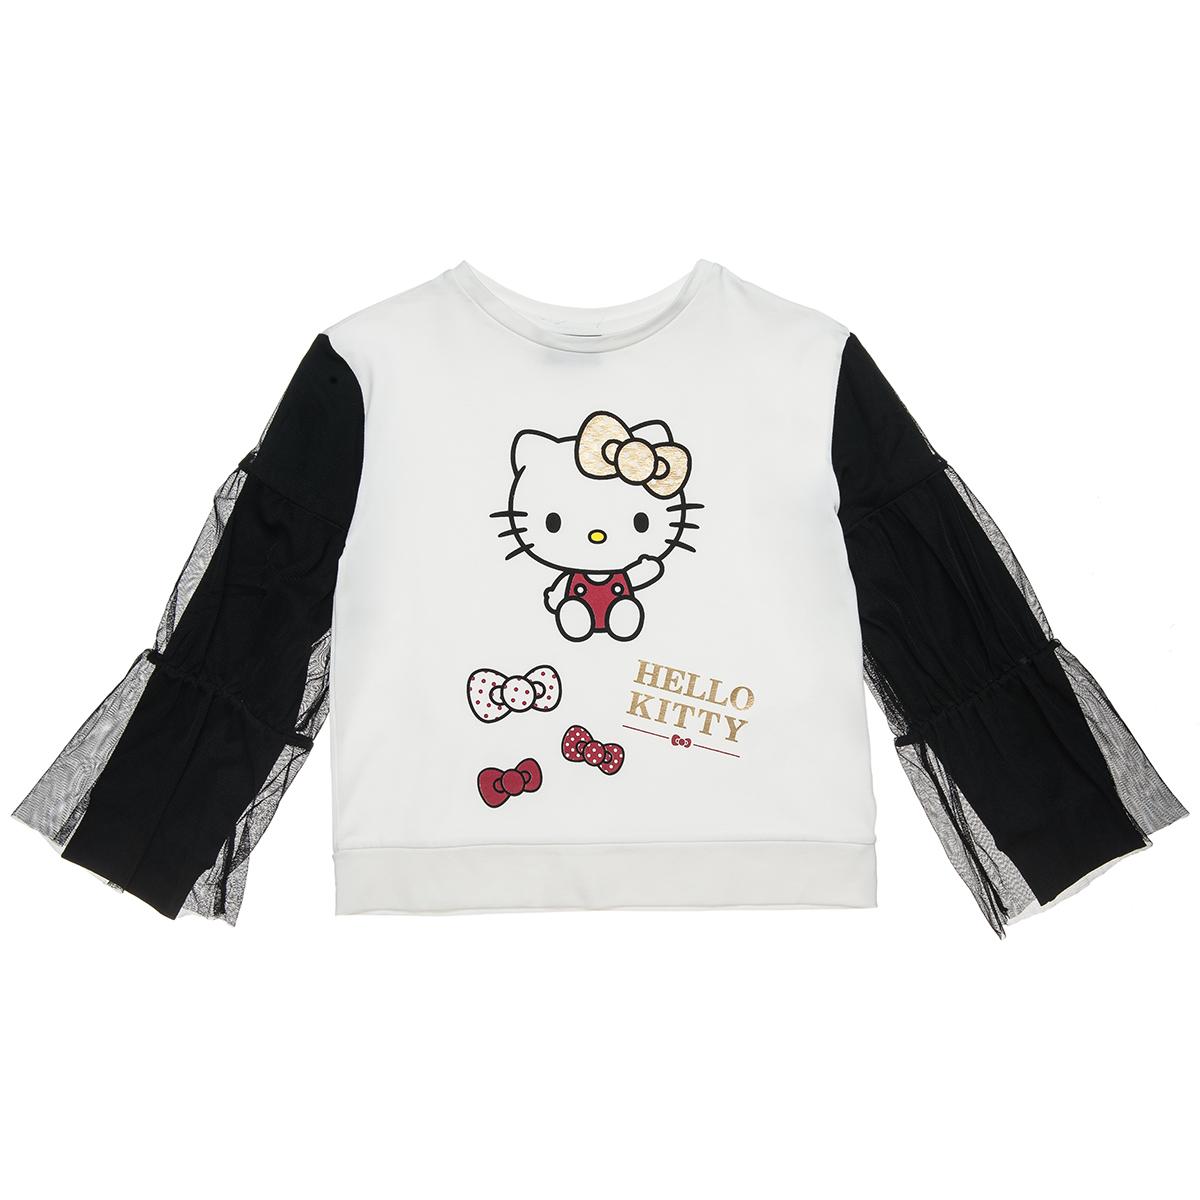 Μπλούζα Hello Kitty με τούλι στα μανίκια (Κορίτσι 6-12 ετών) 00121307 - Εκρού - 5063-0118/3/158/111